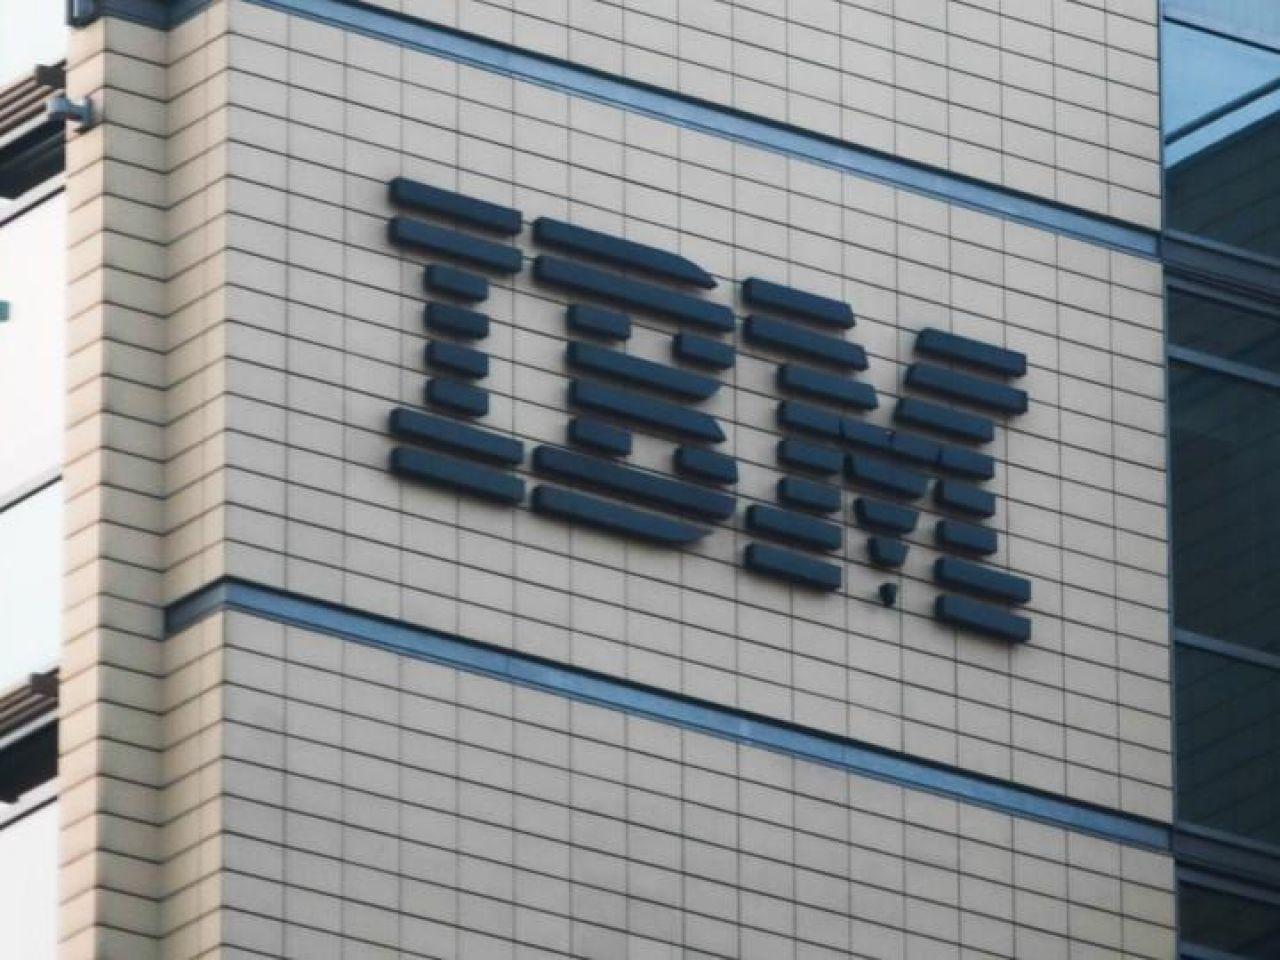 日本IBMが2021年のパートナー事業で投資拡大--構築/サービス分野のパートナーに注力 - ZDNet Japan